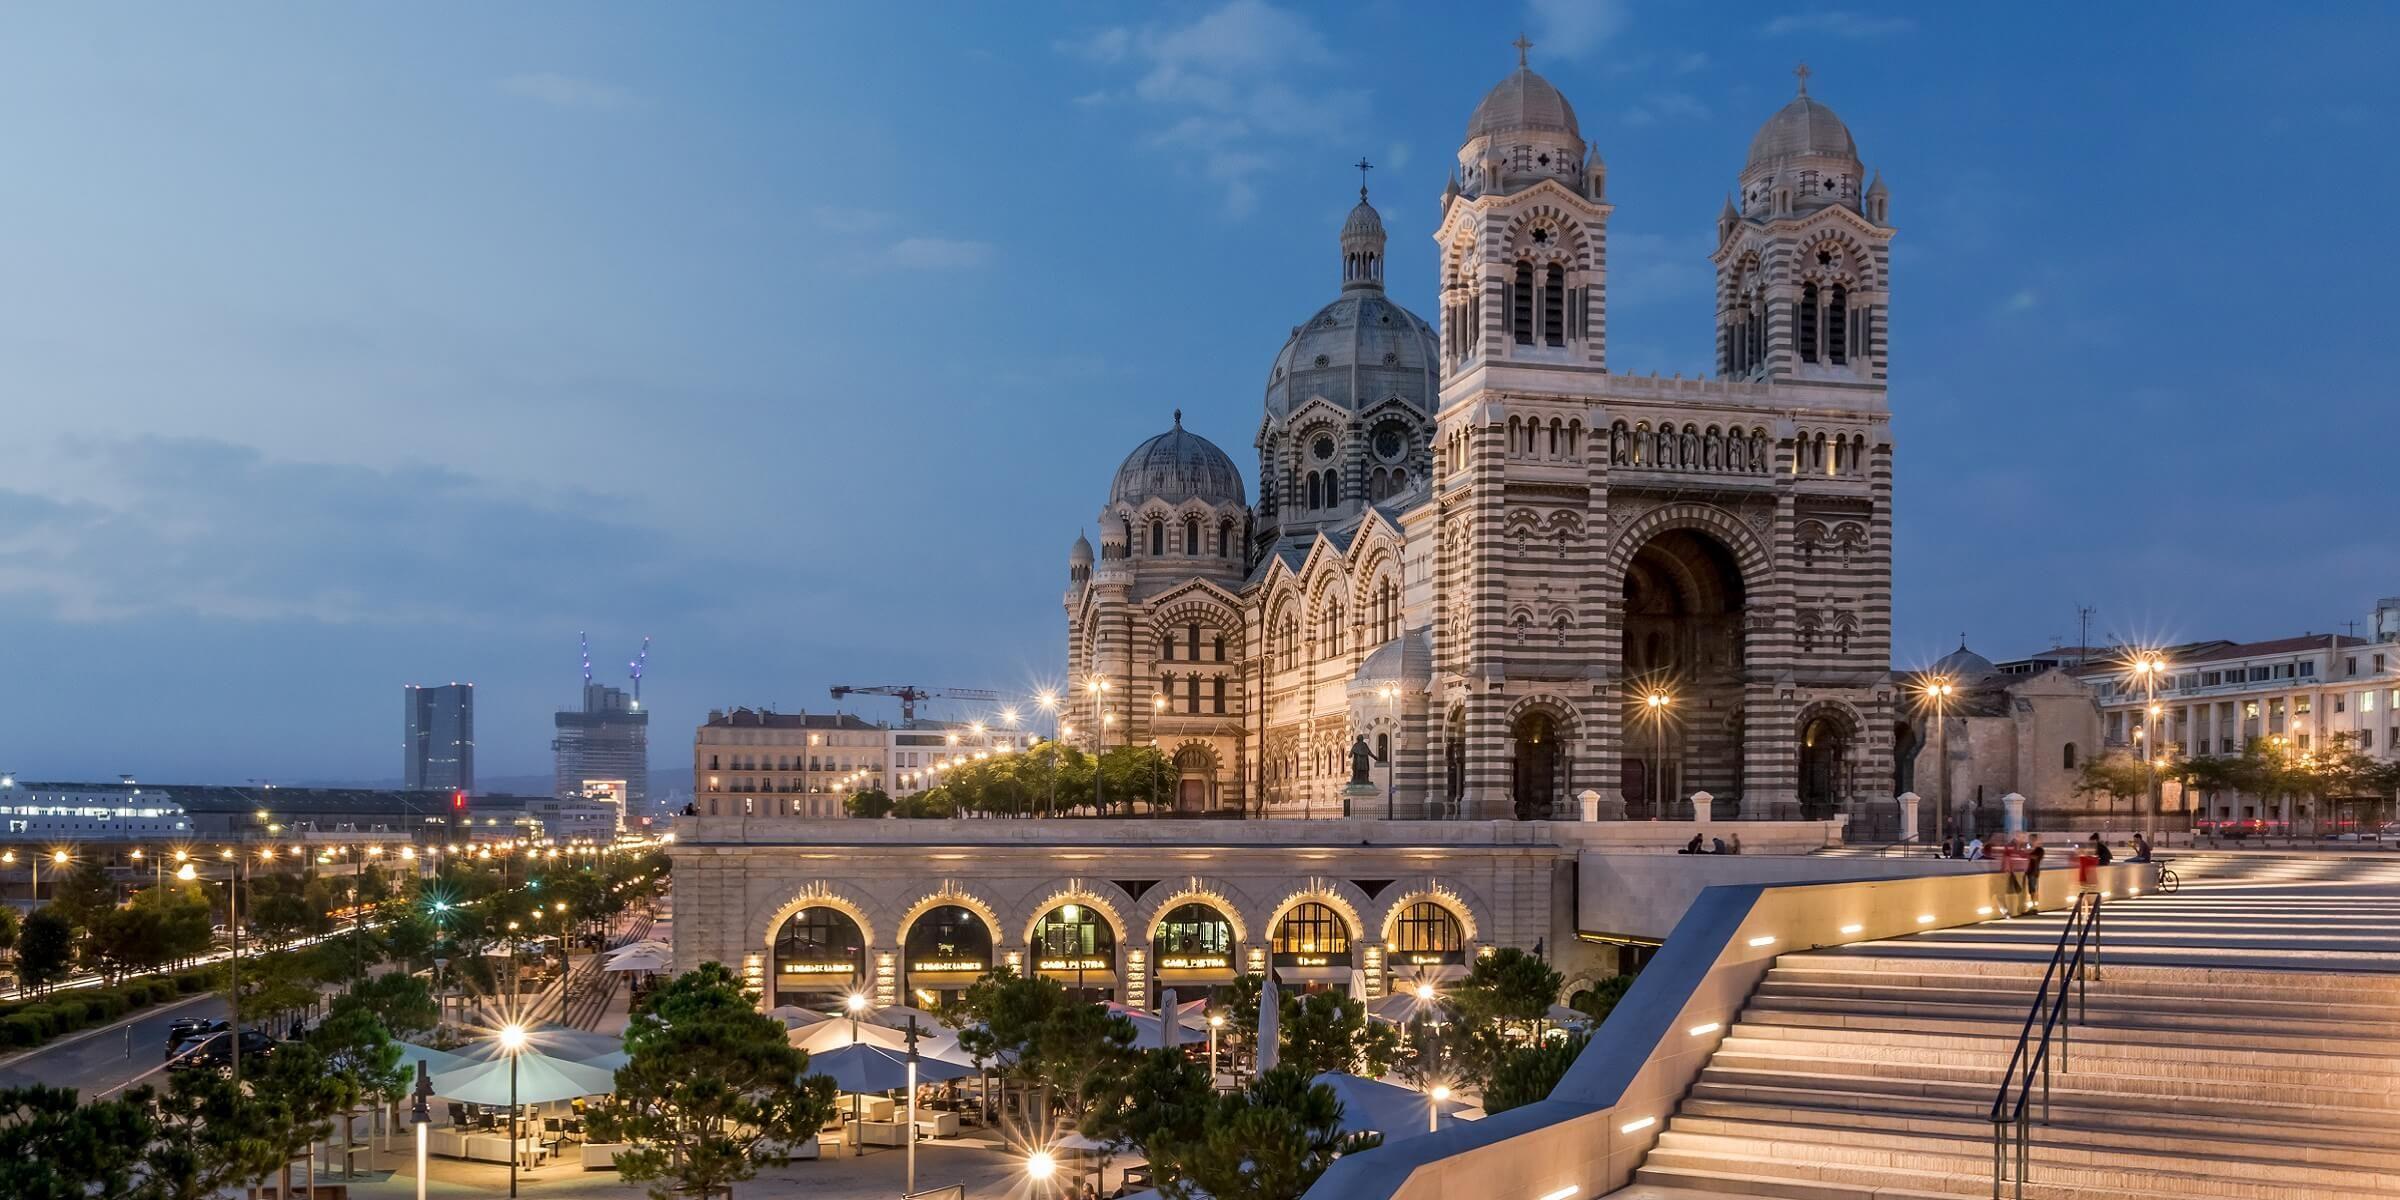 Die Kathedrale von Marseille hat in abendlicher Stimmung eine prächtige Wirkung